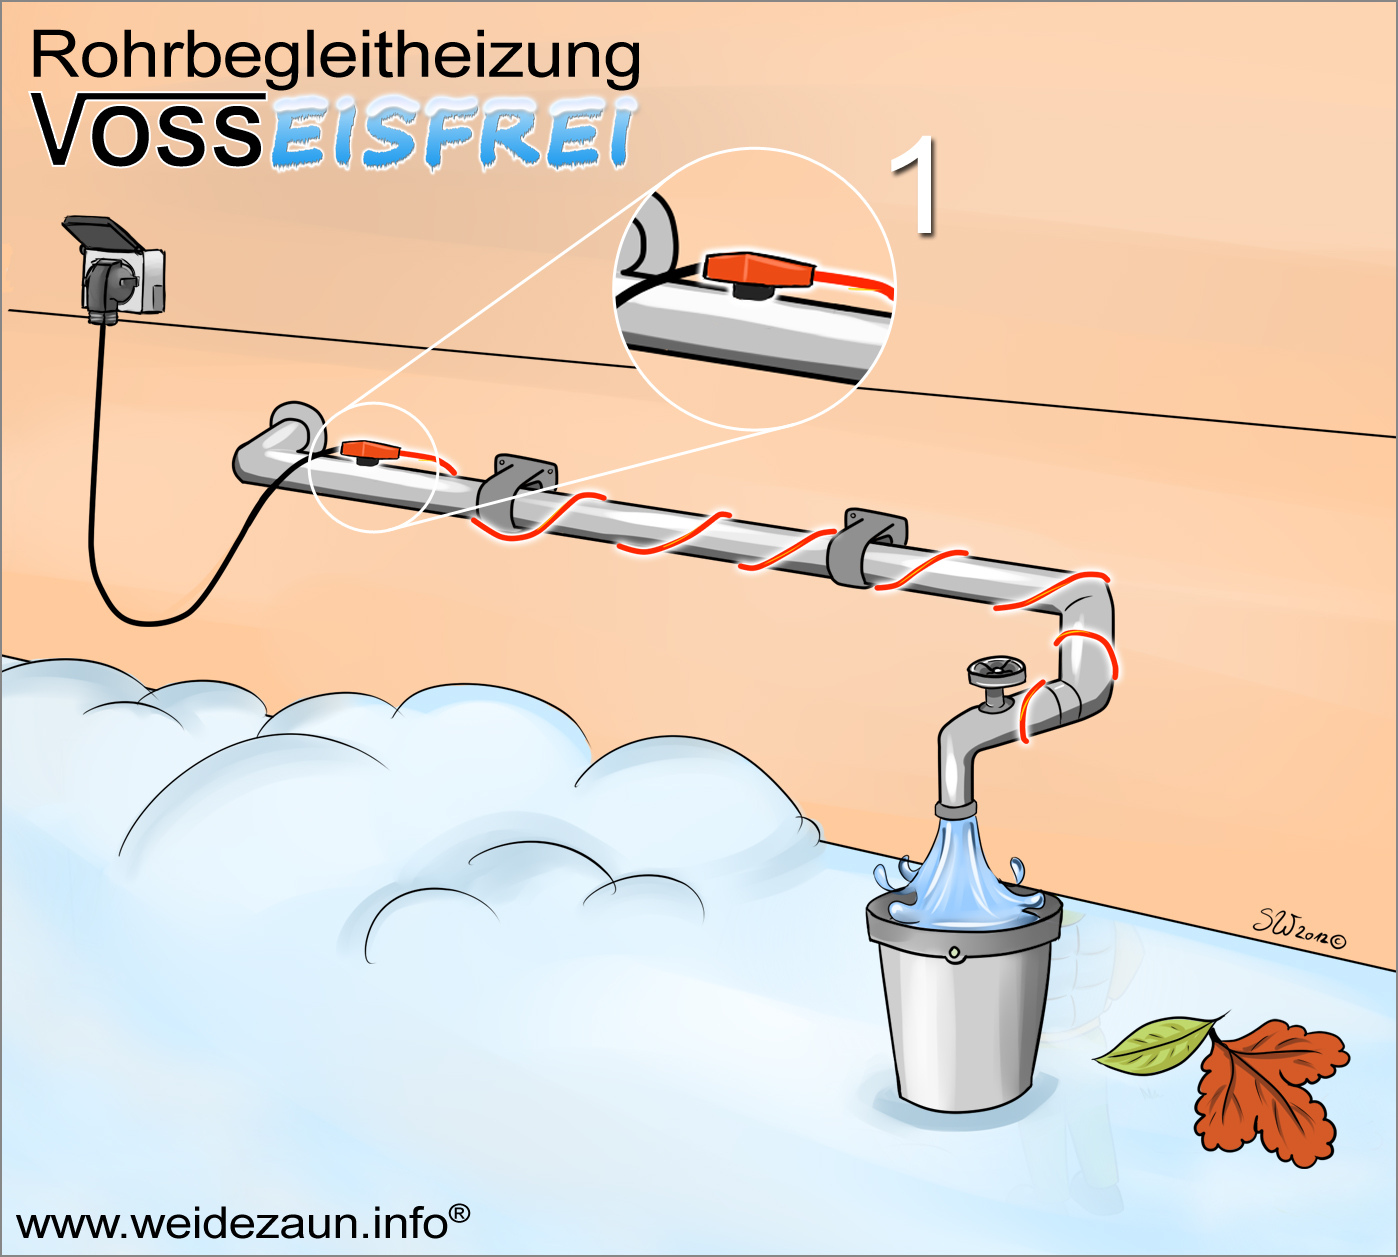 Voor gebruik als vorstbeschermingskabel bij waterleidingen